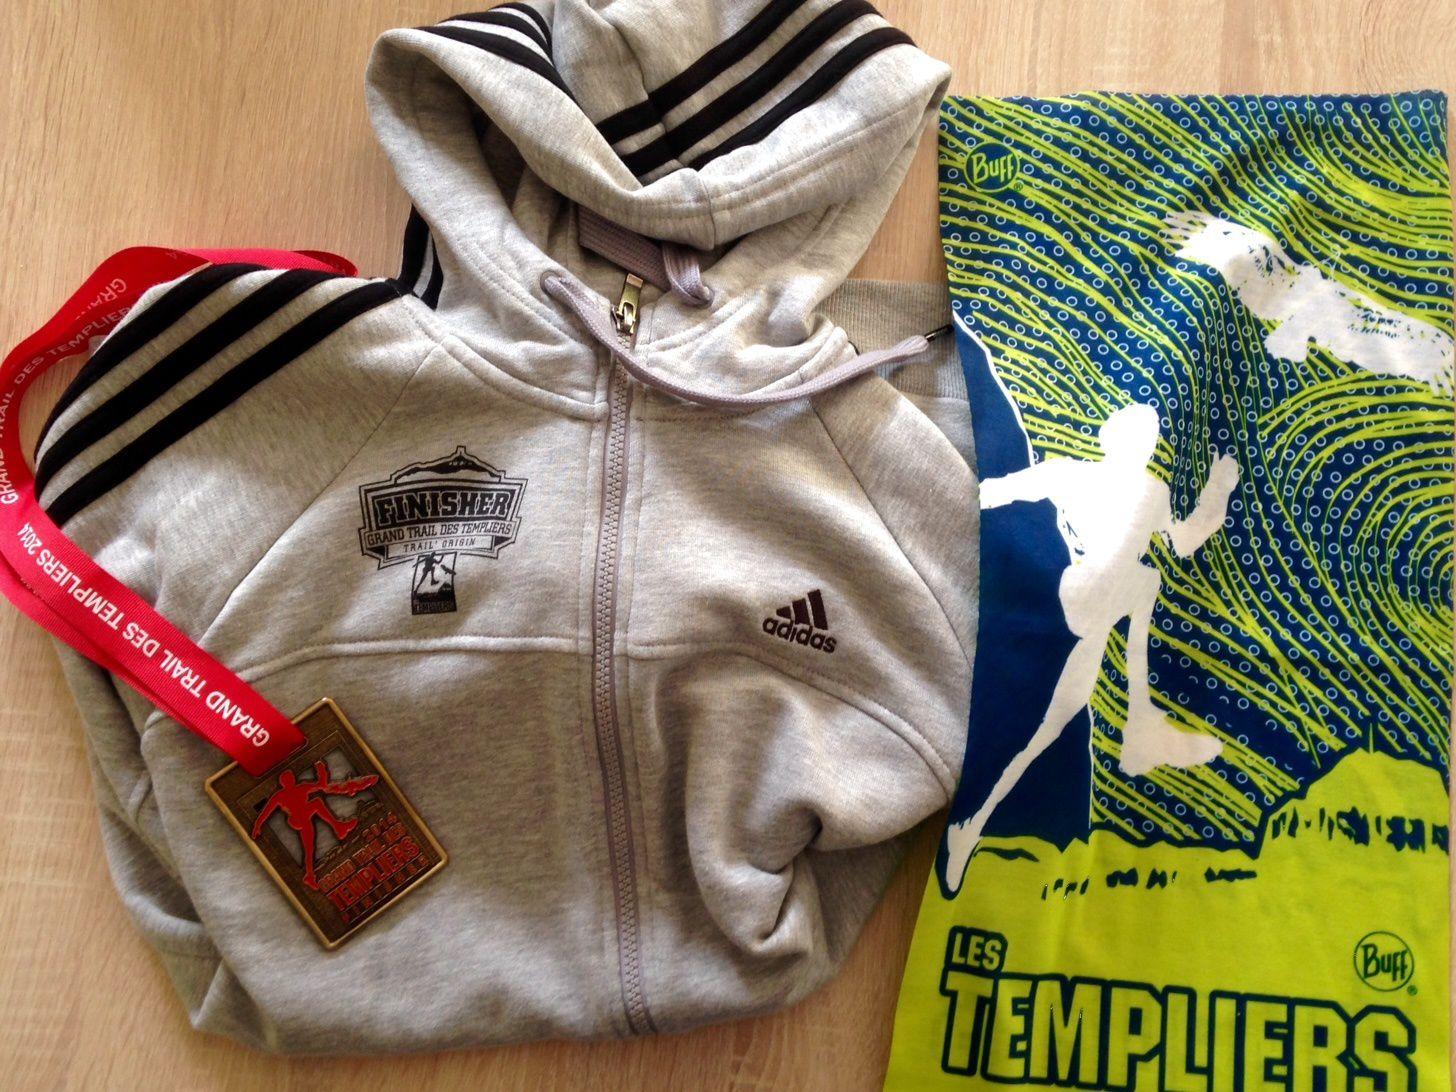 La grande course des Templiers à Millau